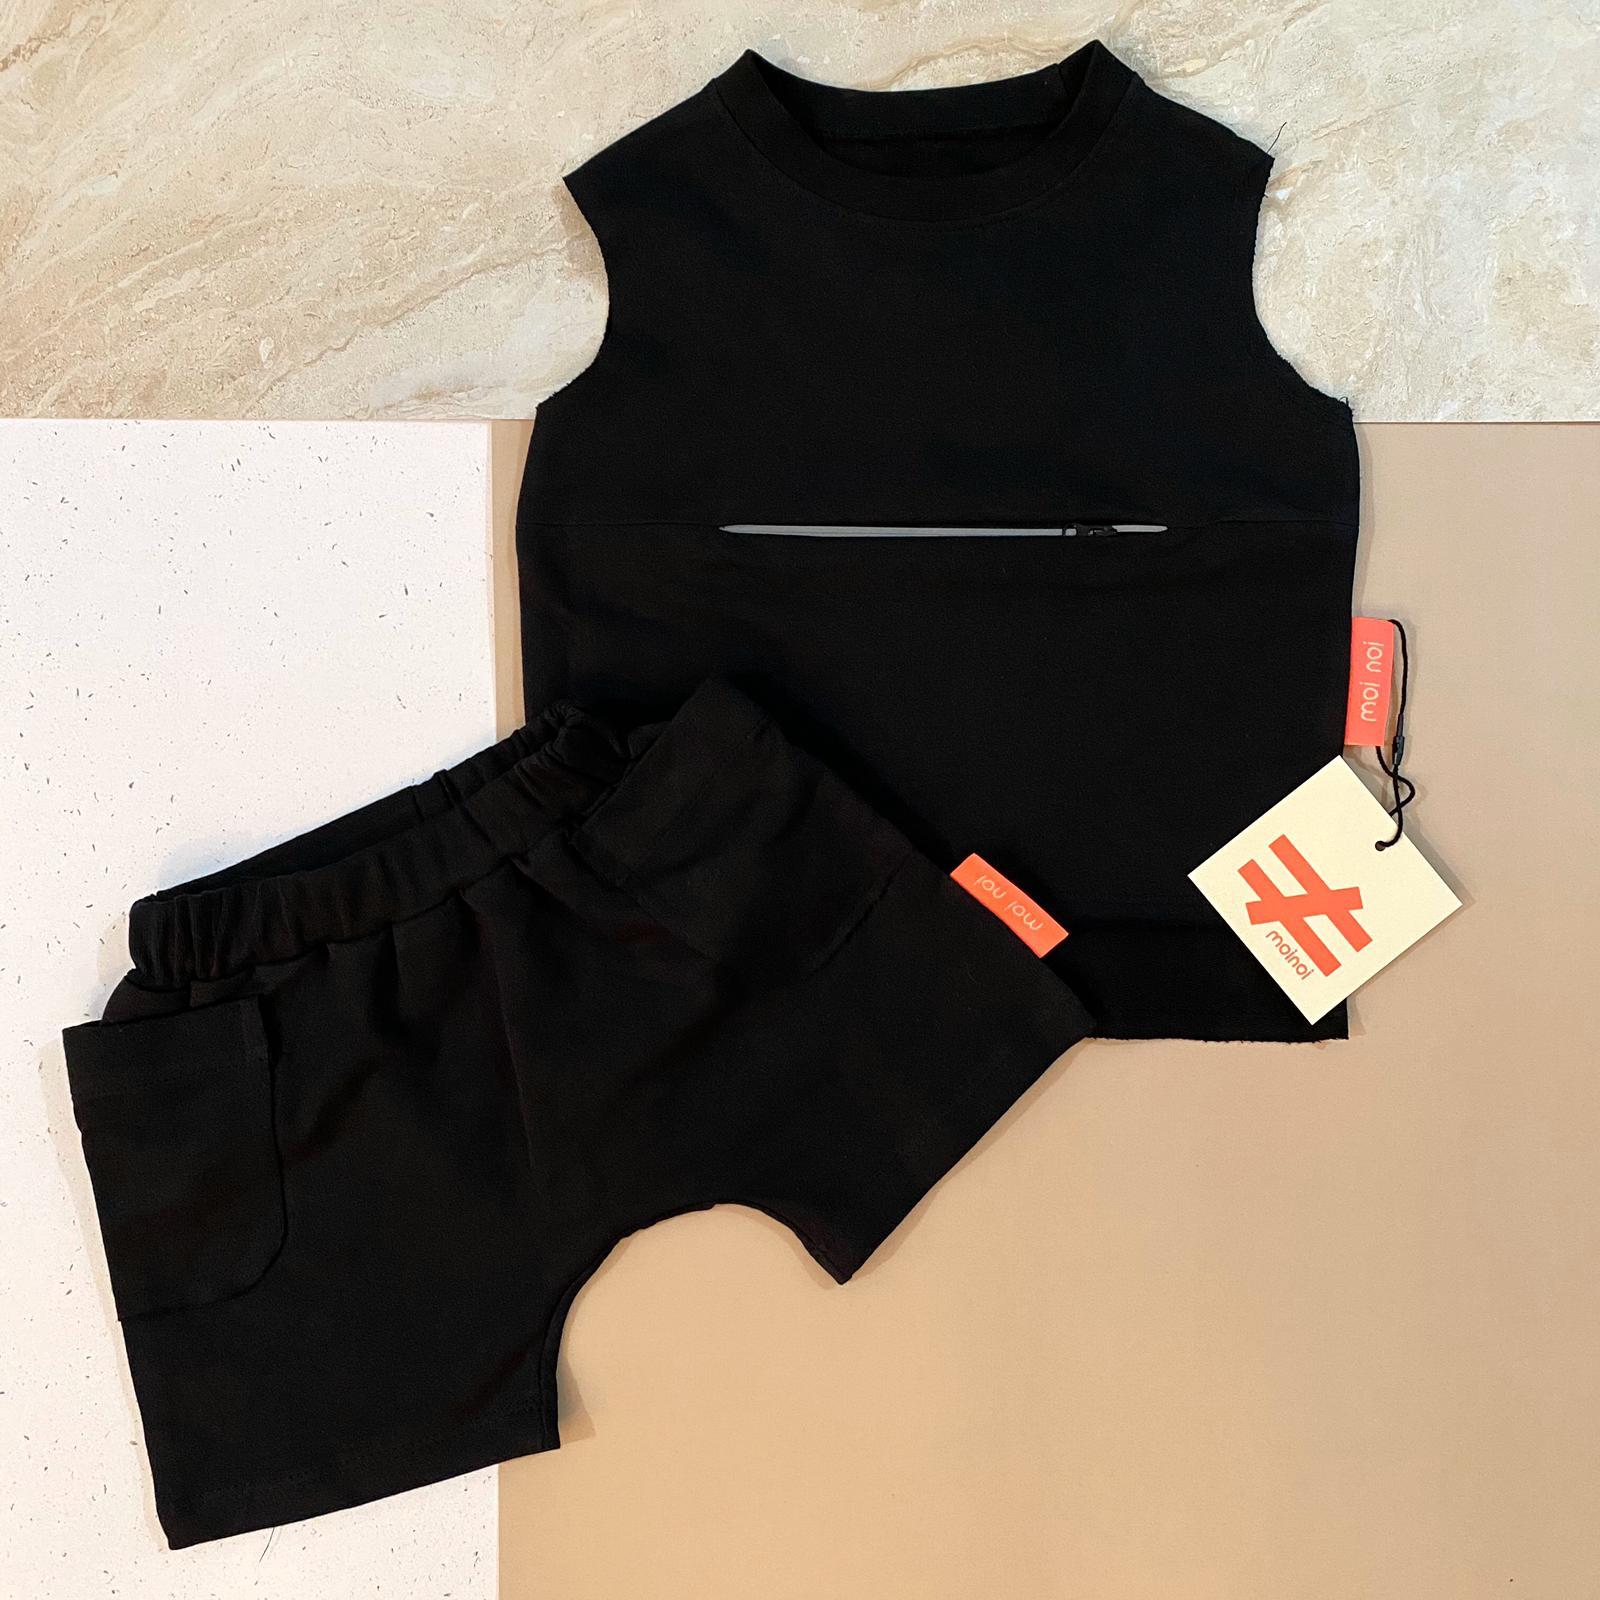 חליפה זיפר שחורה MOI NOI